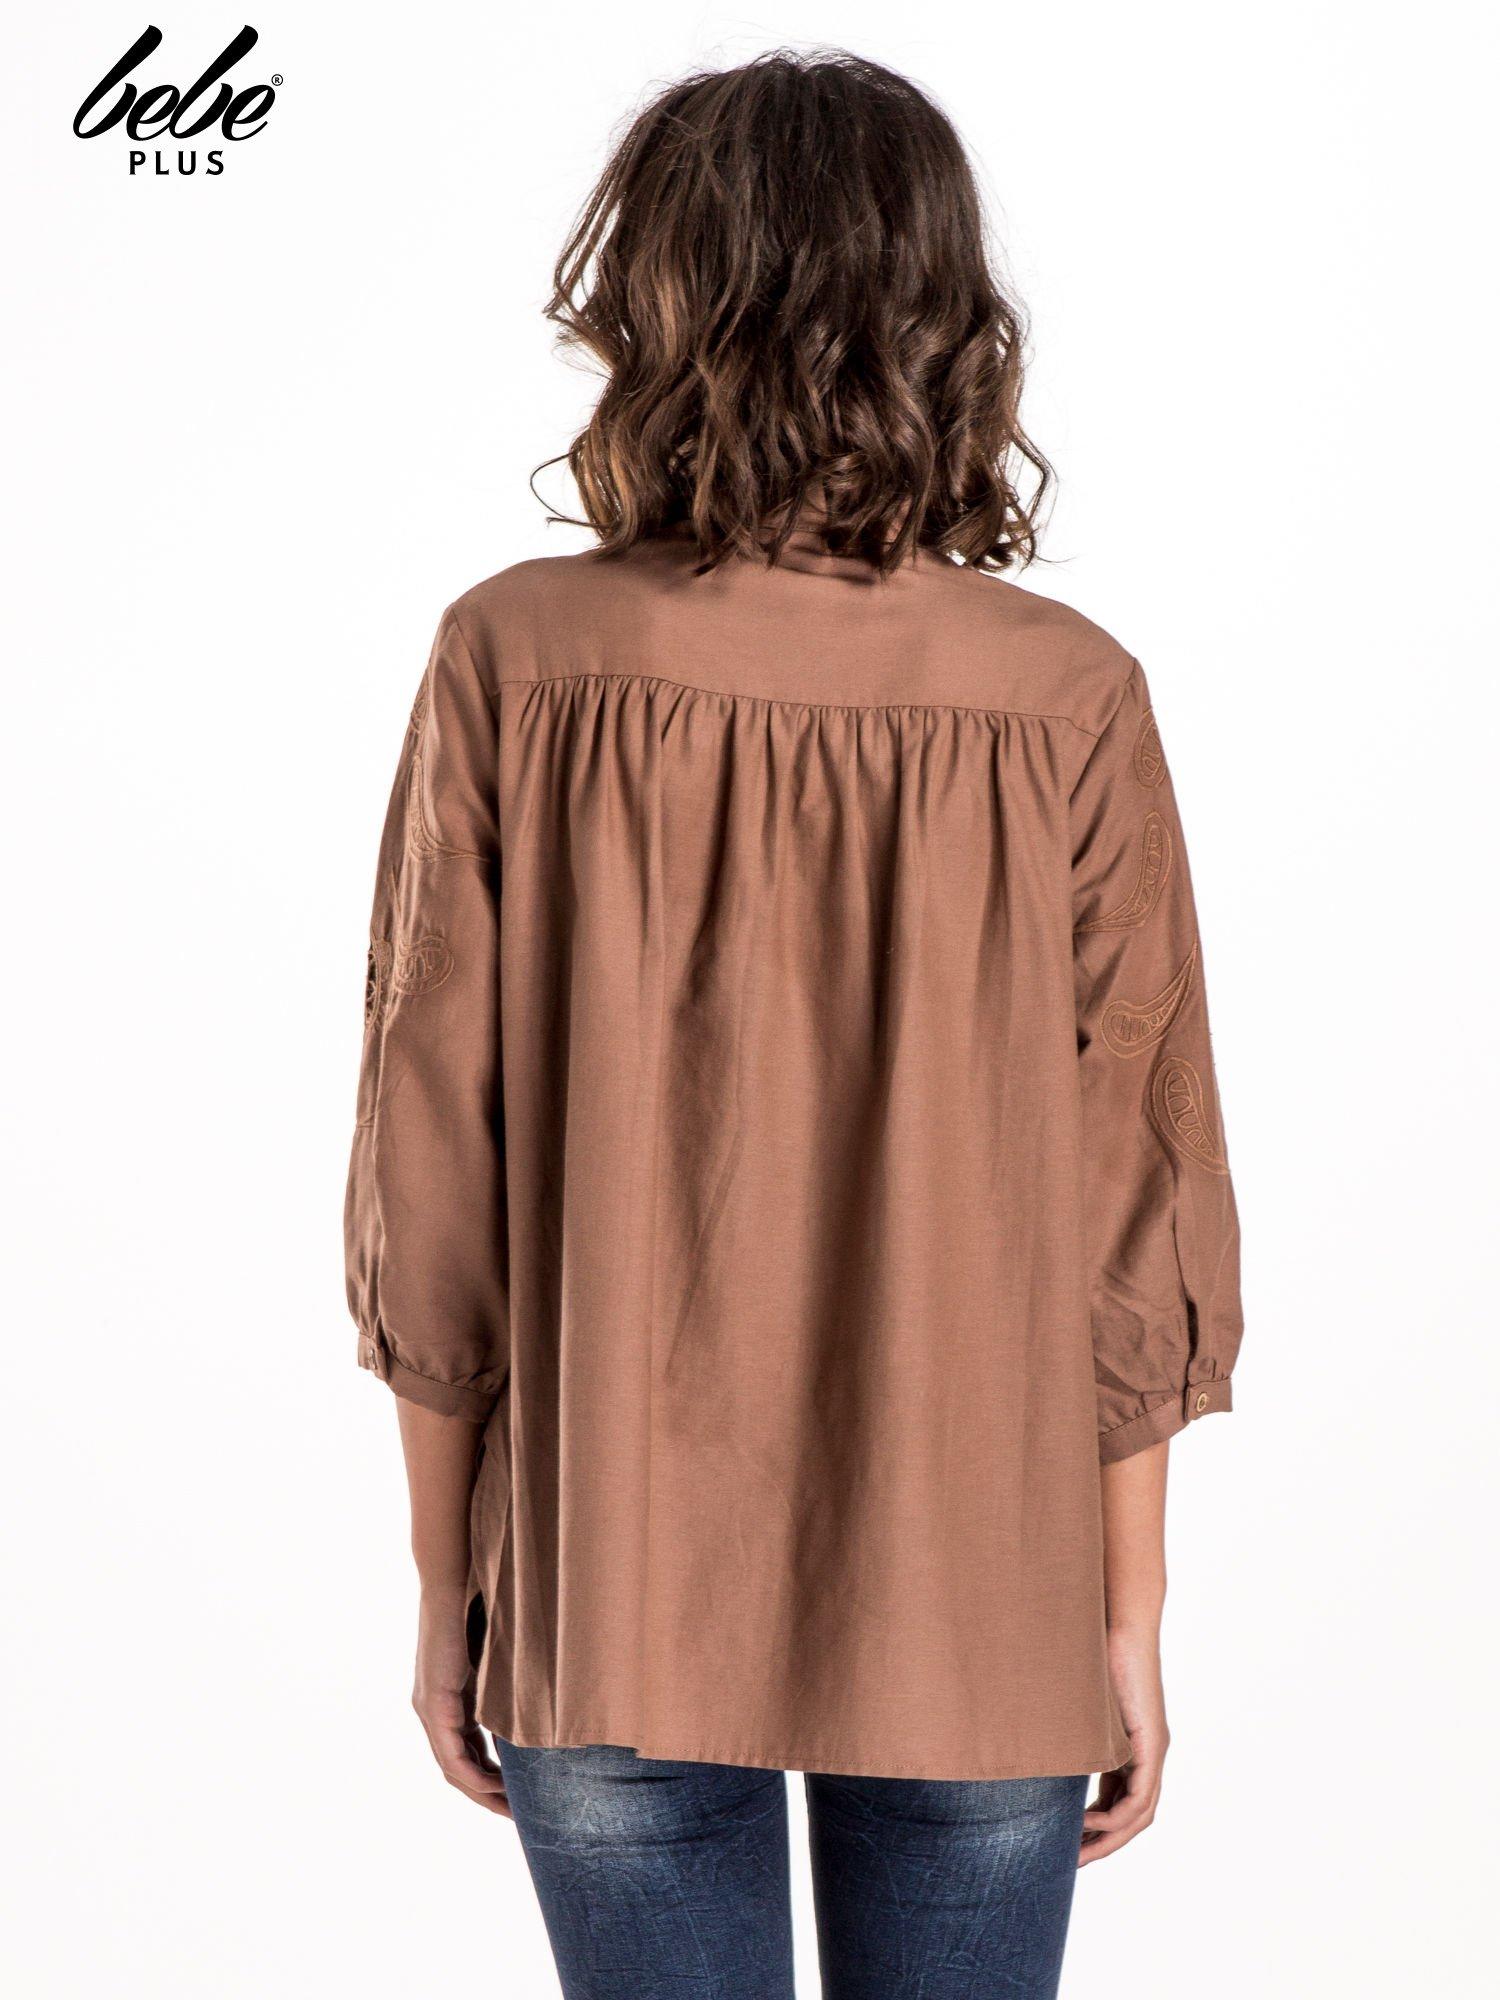 Ciemnobeżowa koszula z szerszymi rękawami                                  zdj.                                  2